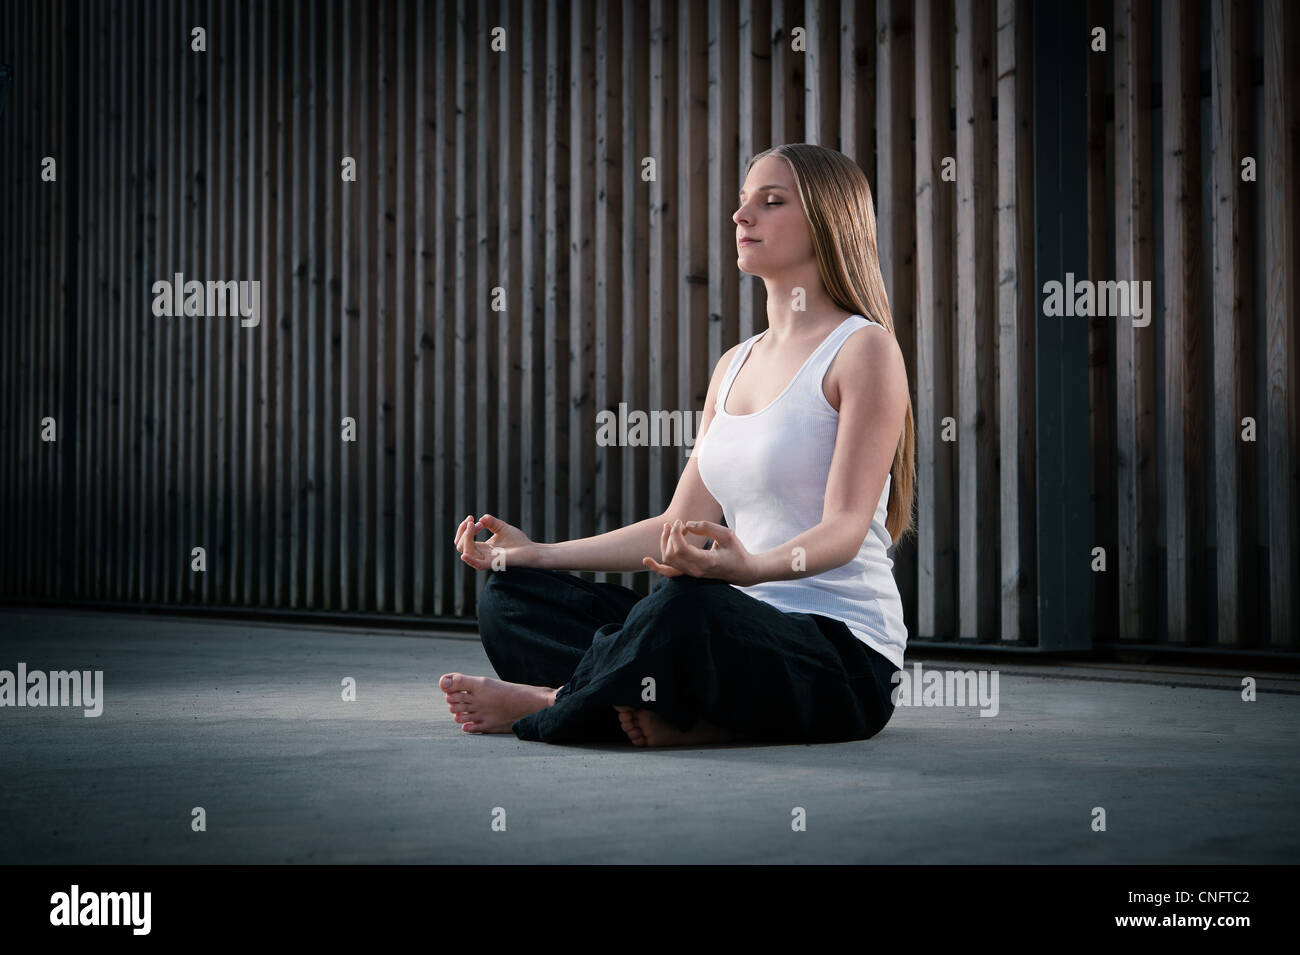 Mujer joven 20-25 sentado y meditar la meditación del yoga en un entorno moderno, fresco, ambiente al aire Imagen De Stock